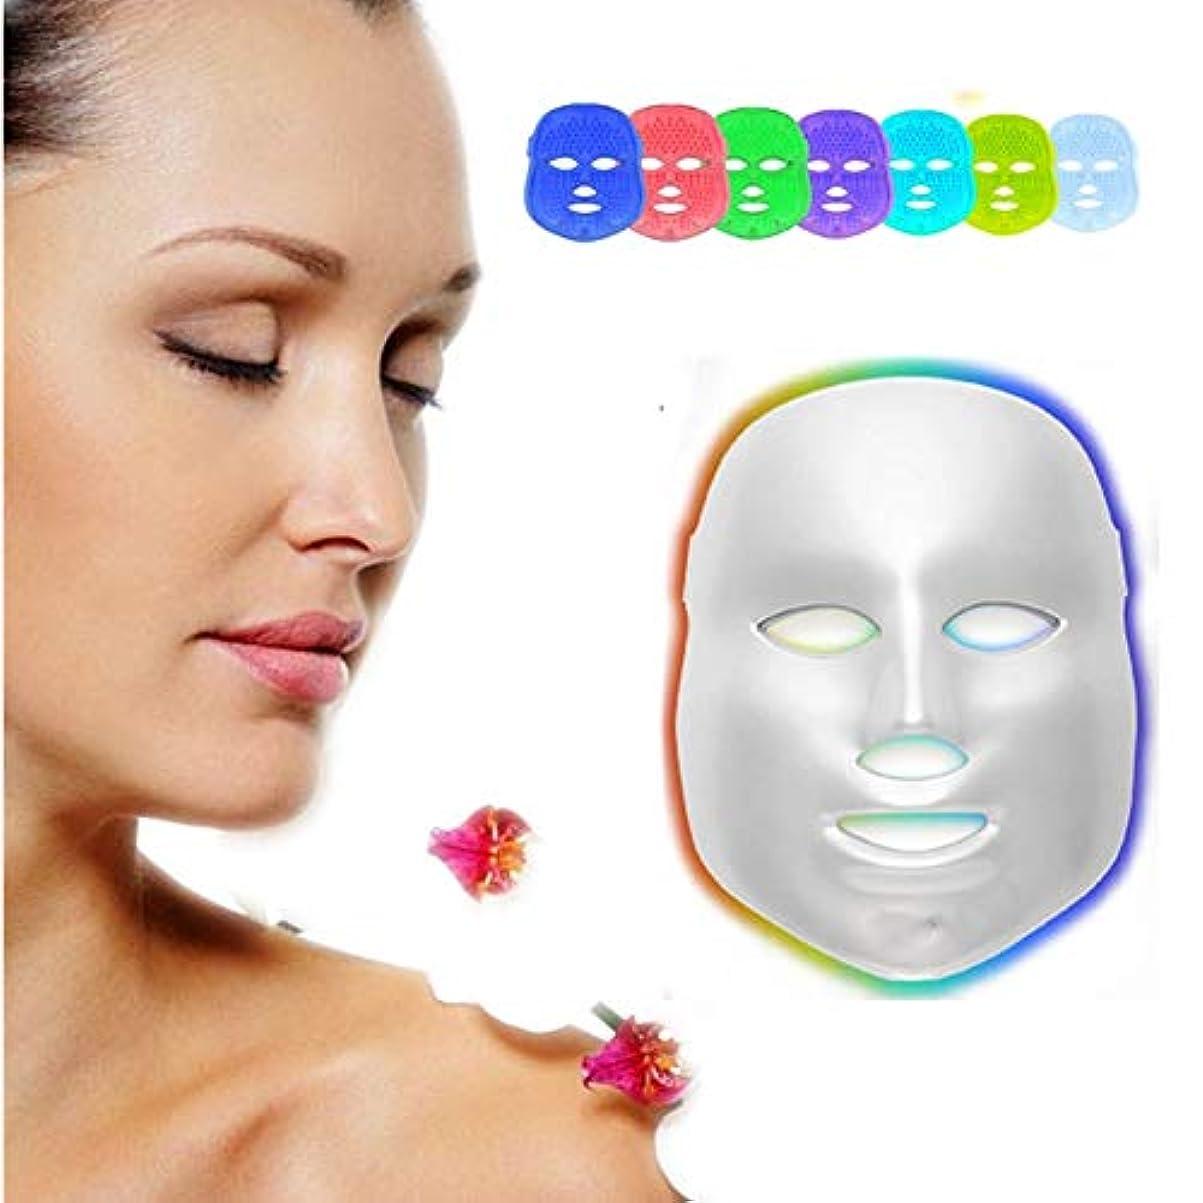 気性こどもの宮殿取得LEDPhōton療法7色光治療マスク美容機器肌の若返りタイトにきびスポット分解メラニンしわホワイトニングフェイシャル